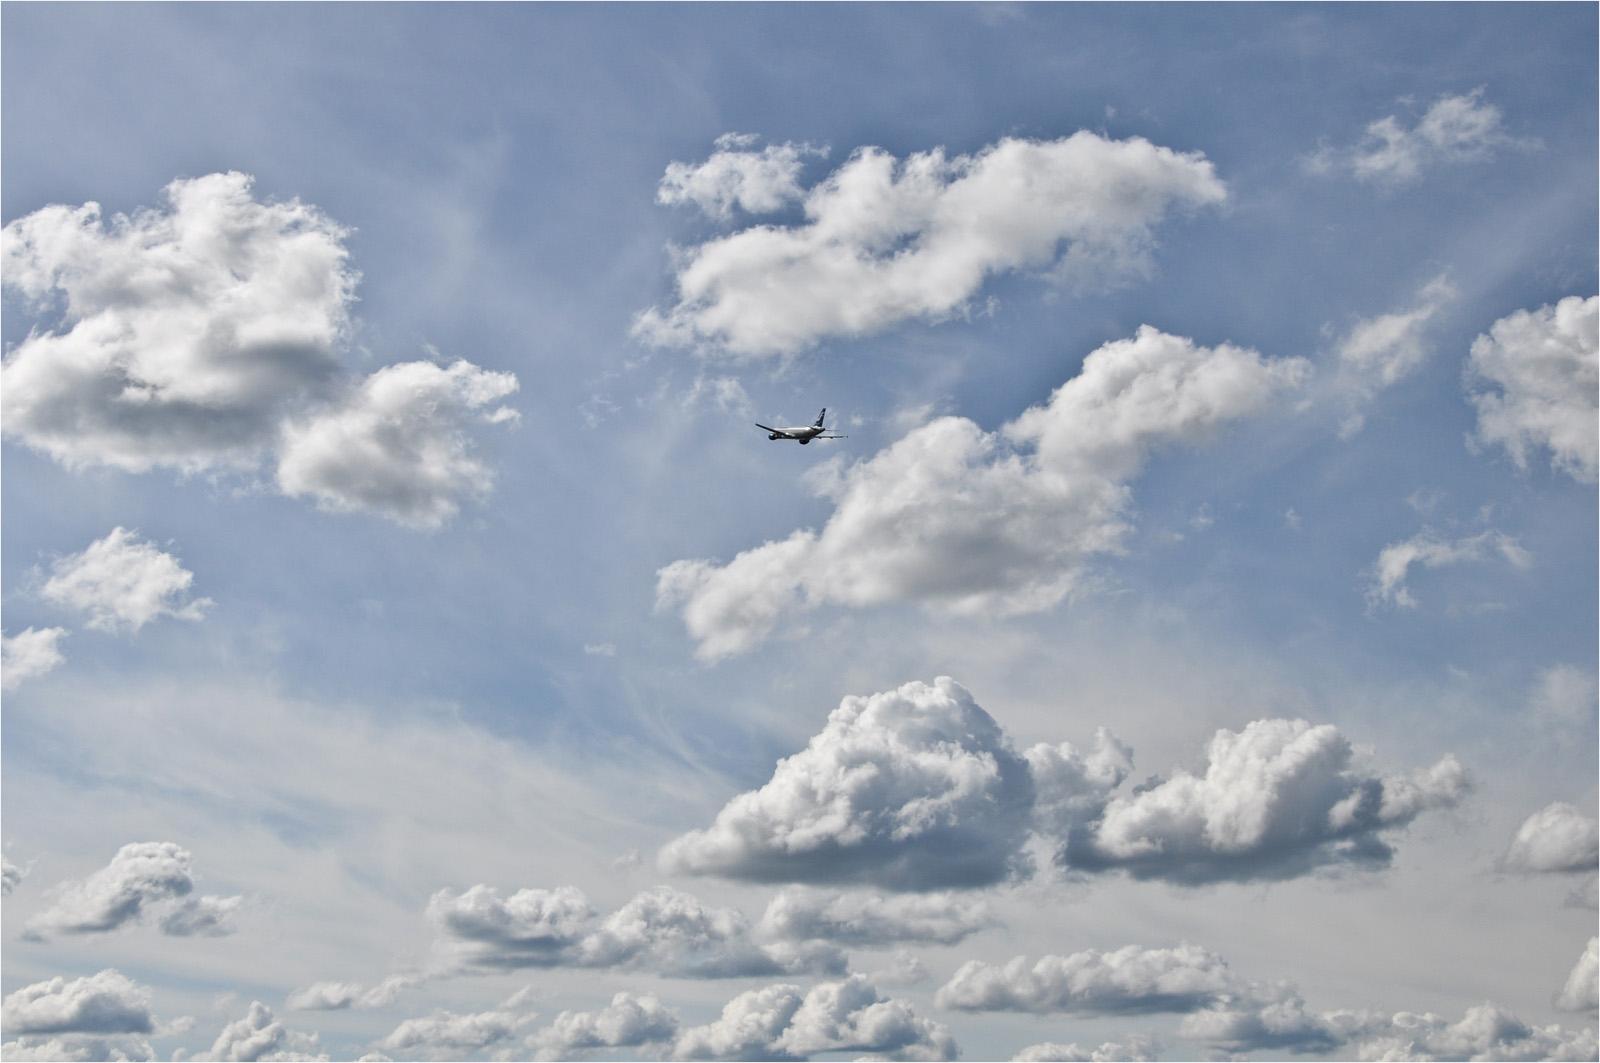 Take off by zuuzu